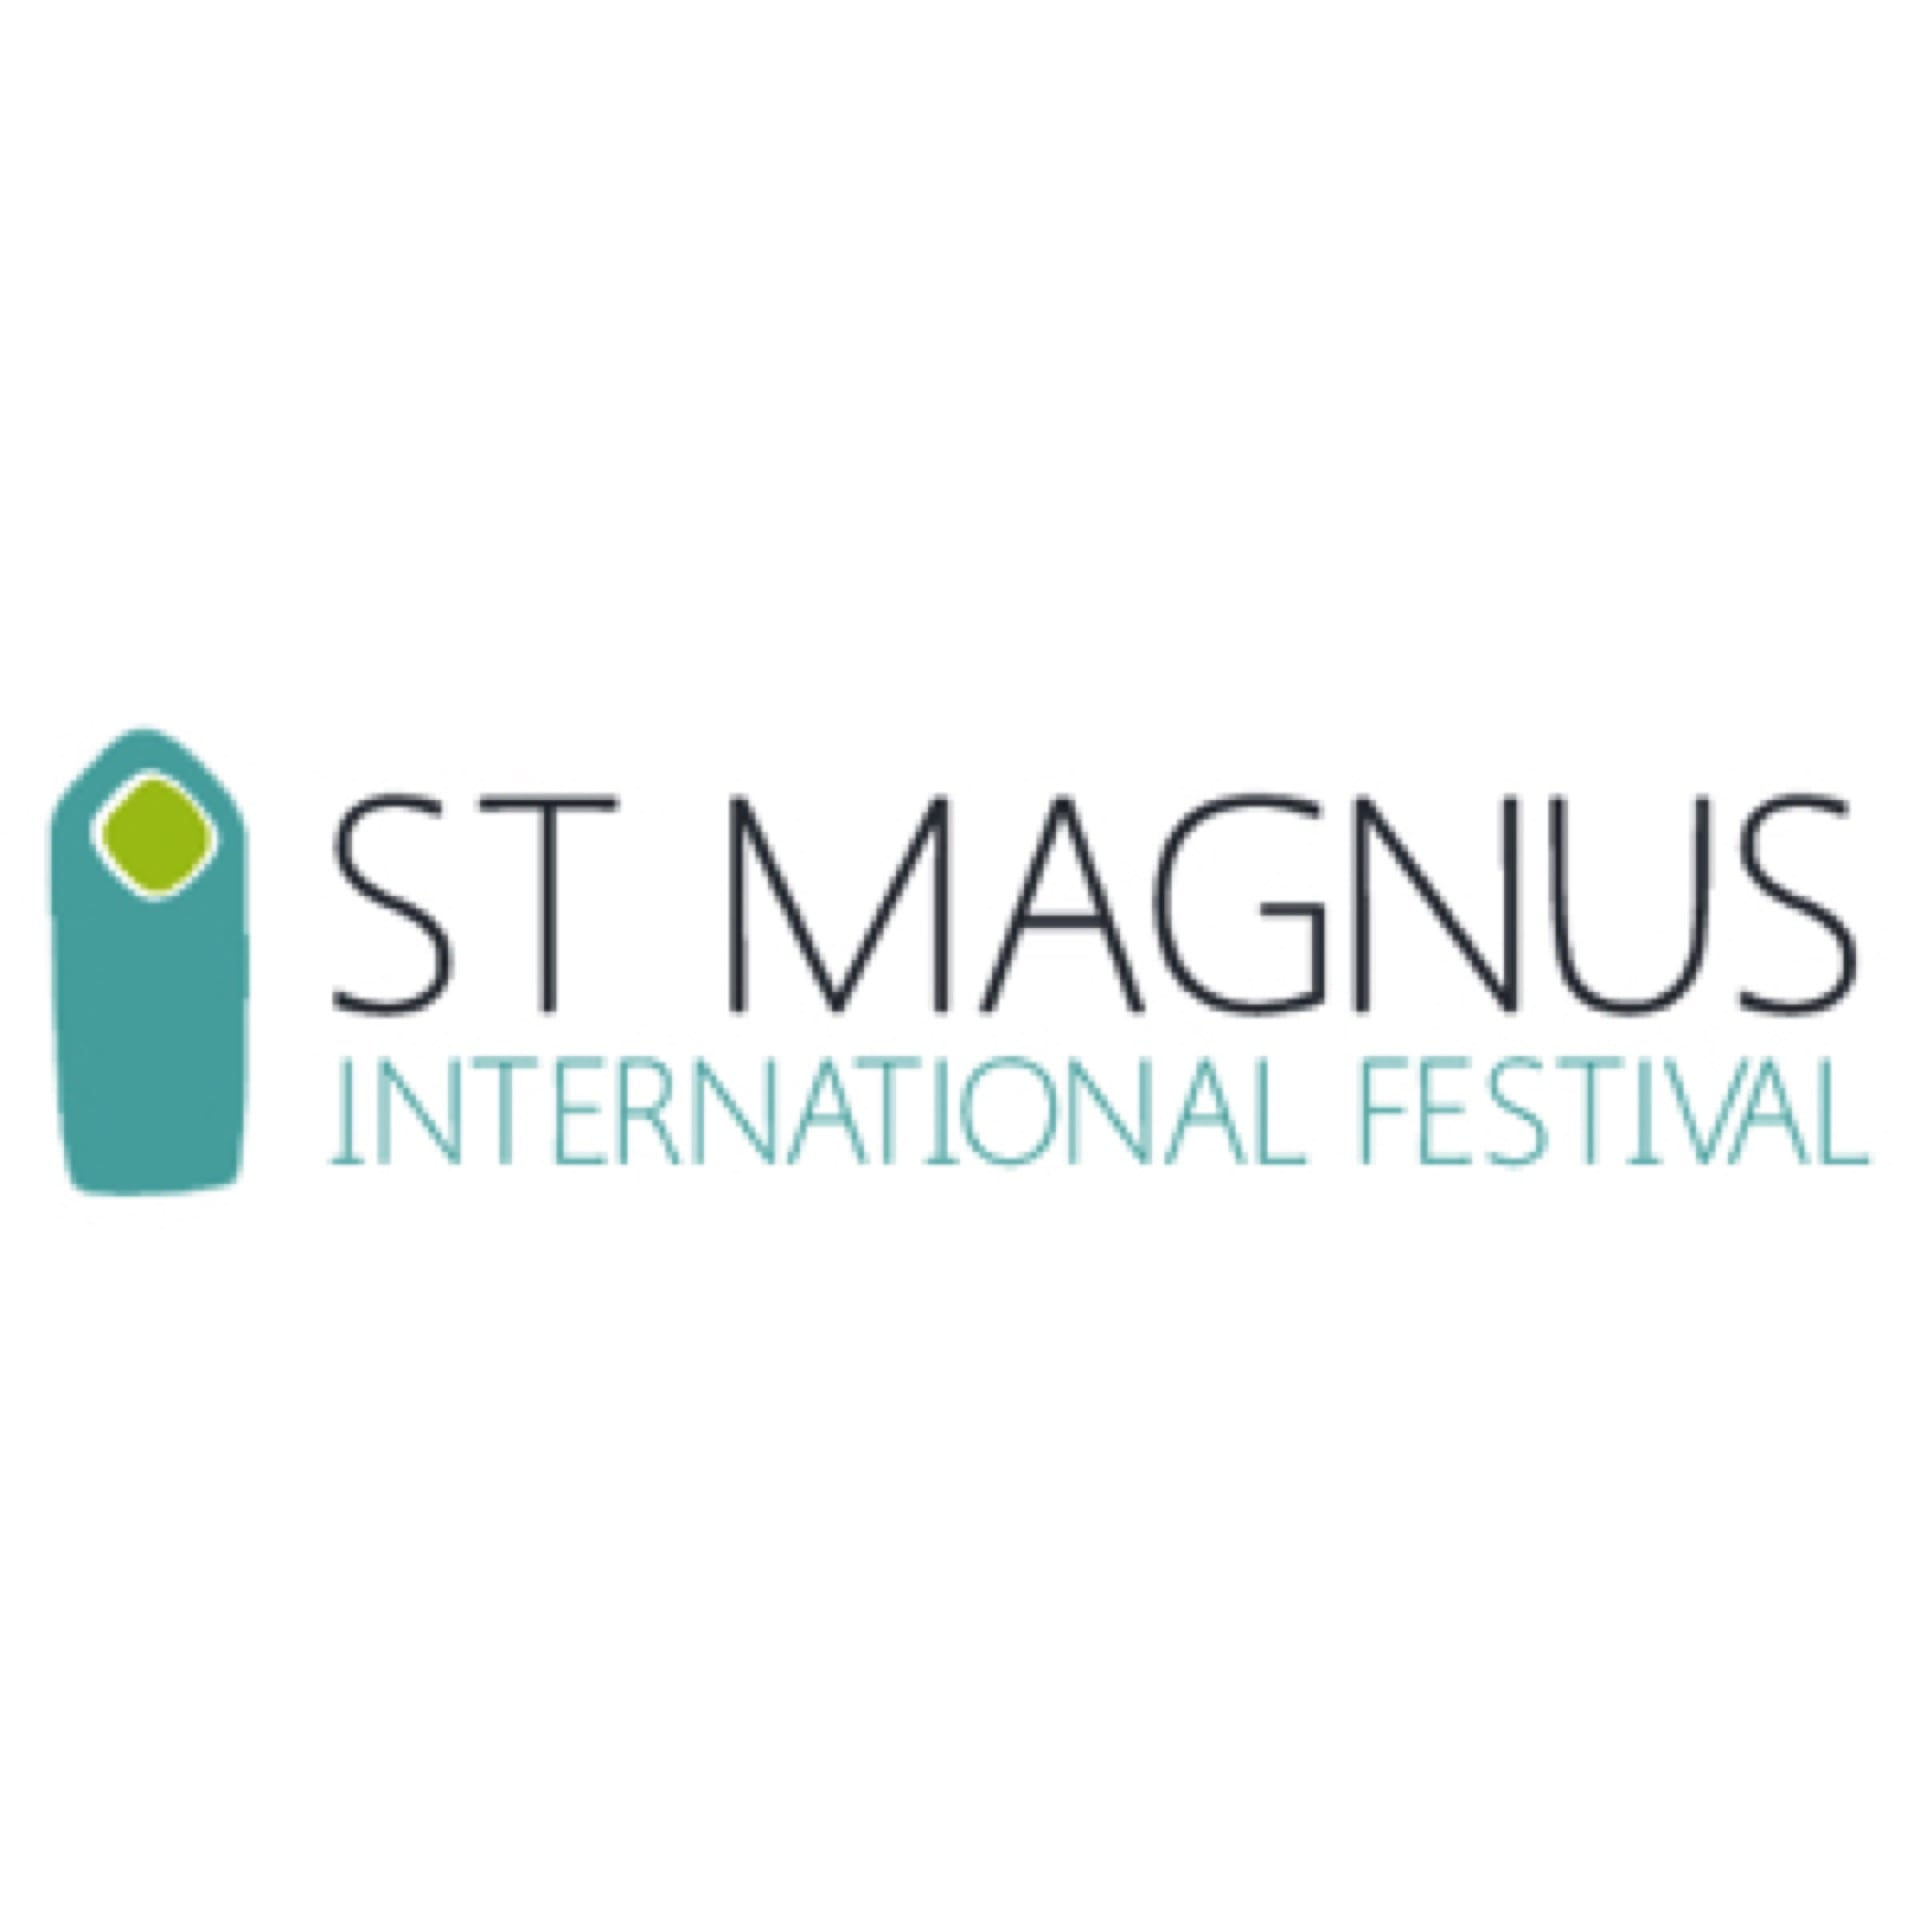 St Magnus International Festival